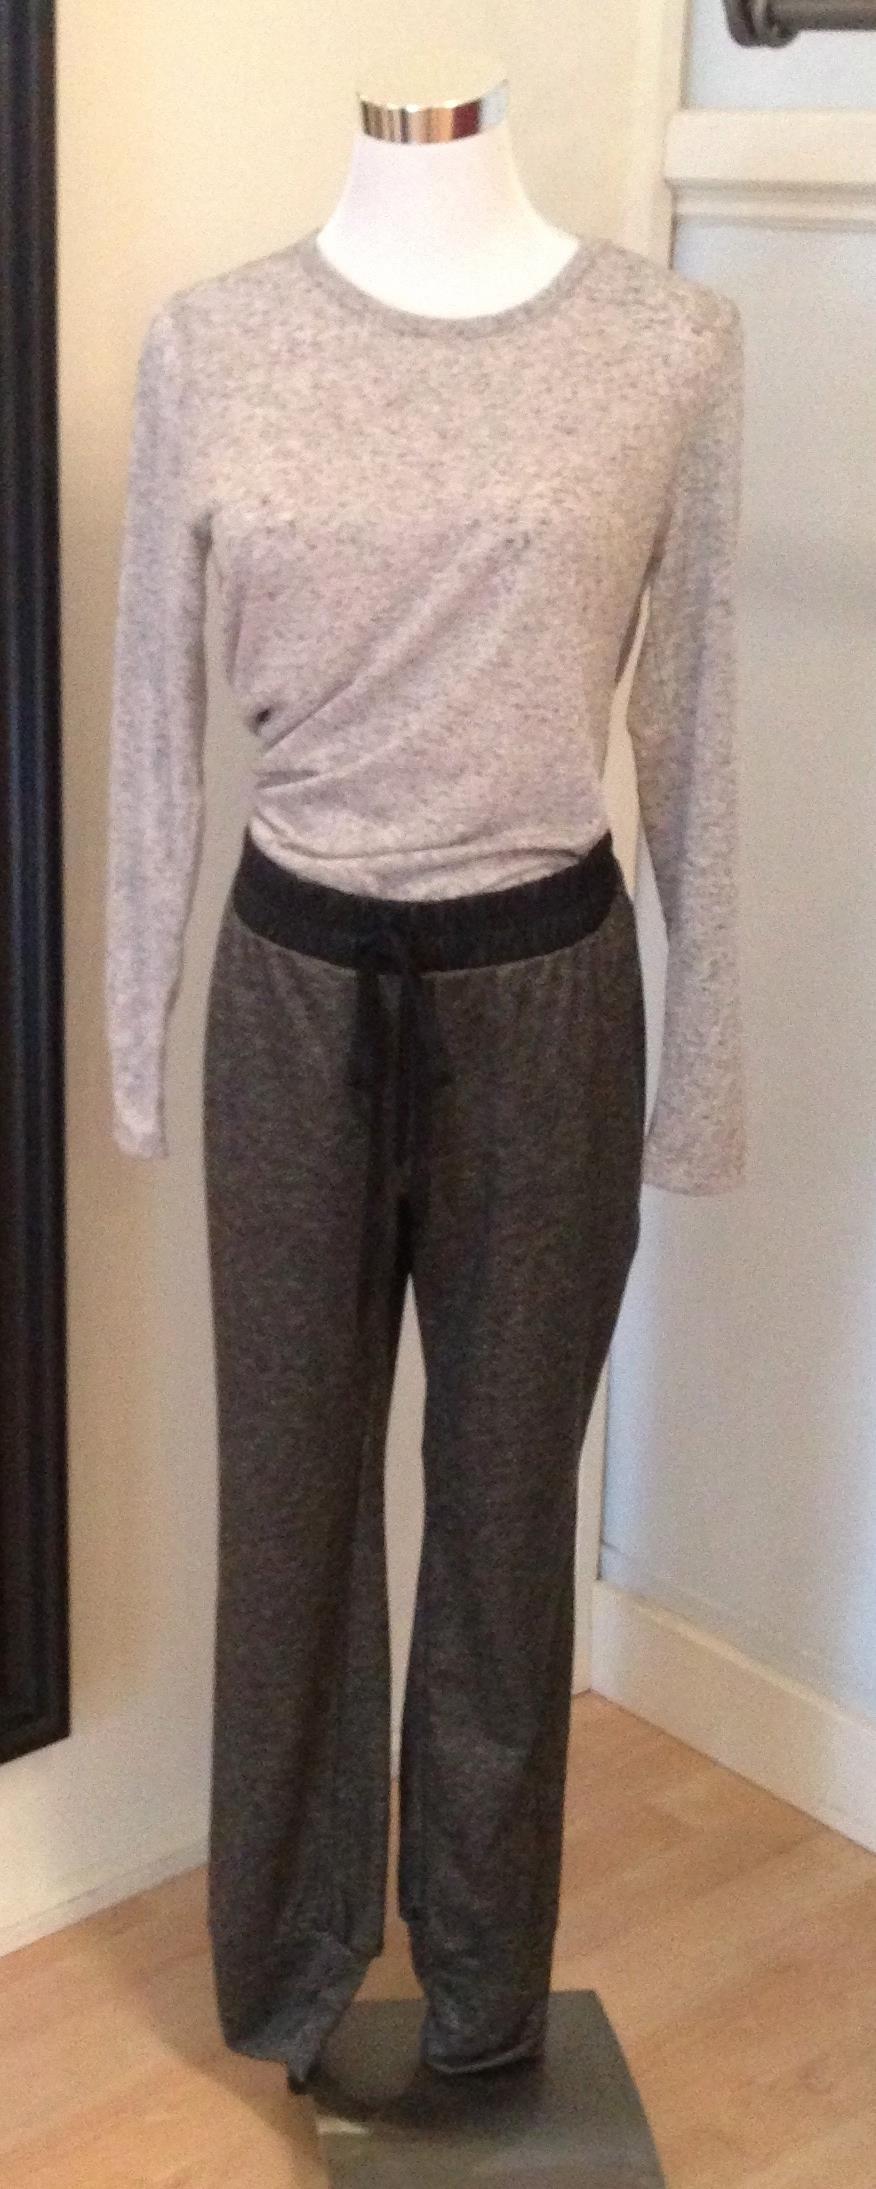 Comfy pants, $32